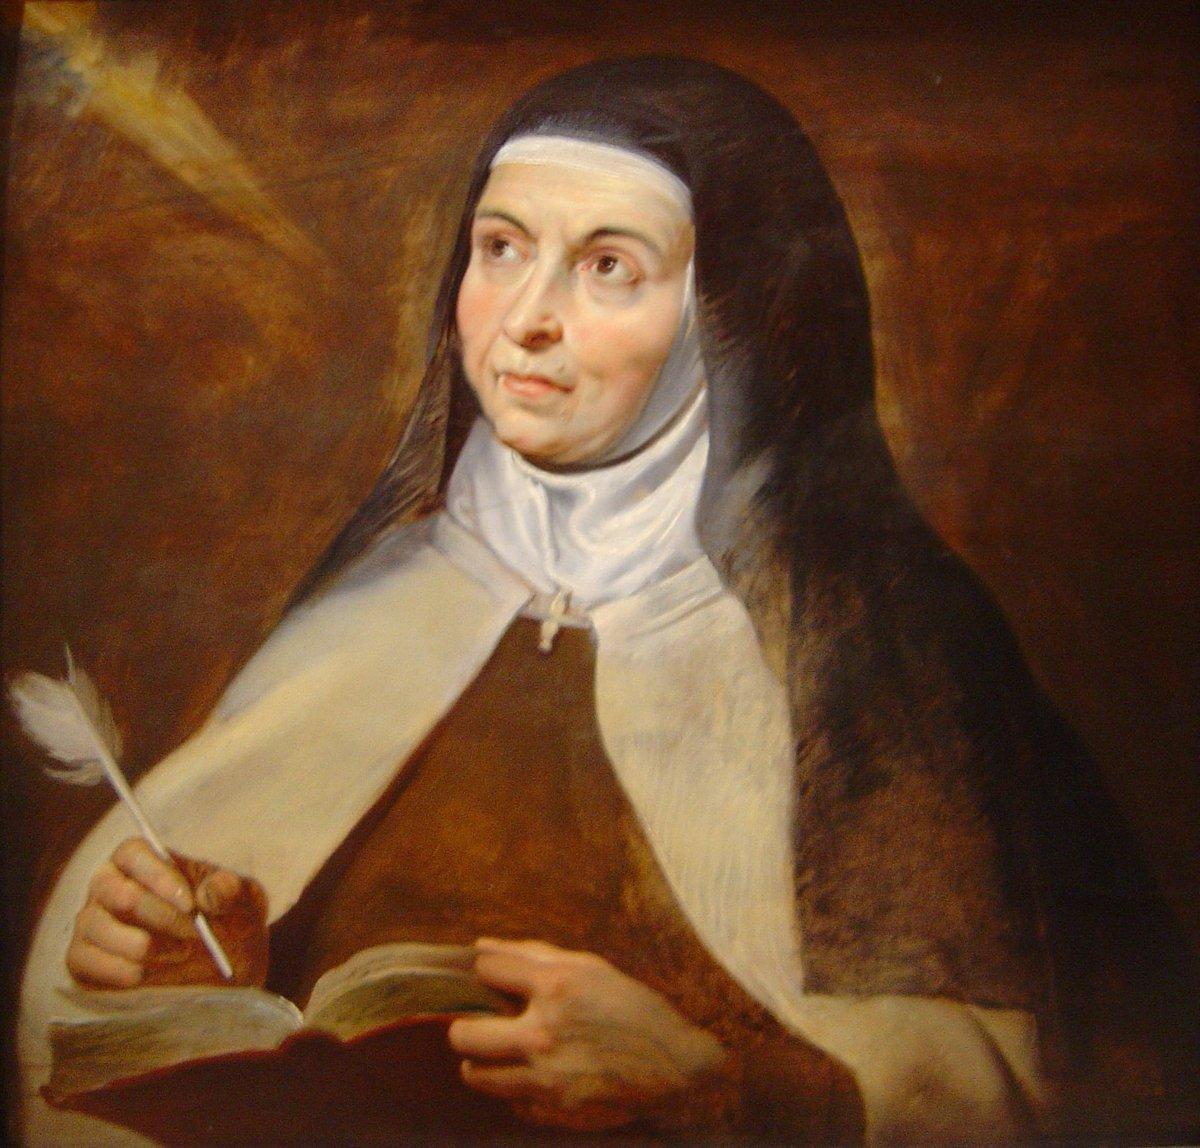 test Twitter Media - ¿Cuáles fueron las lecturas de Santa Teresa? ¿Cuál fue el taller en el que se formó como escritora? https://t.co/Nqv0InqnJW https://t.co/uCxy8bueuO